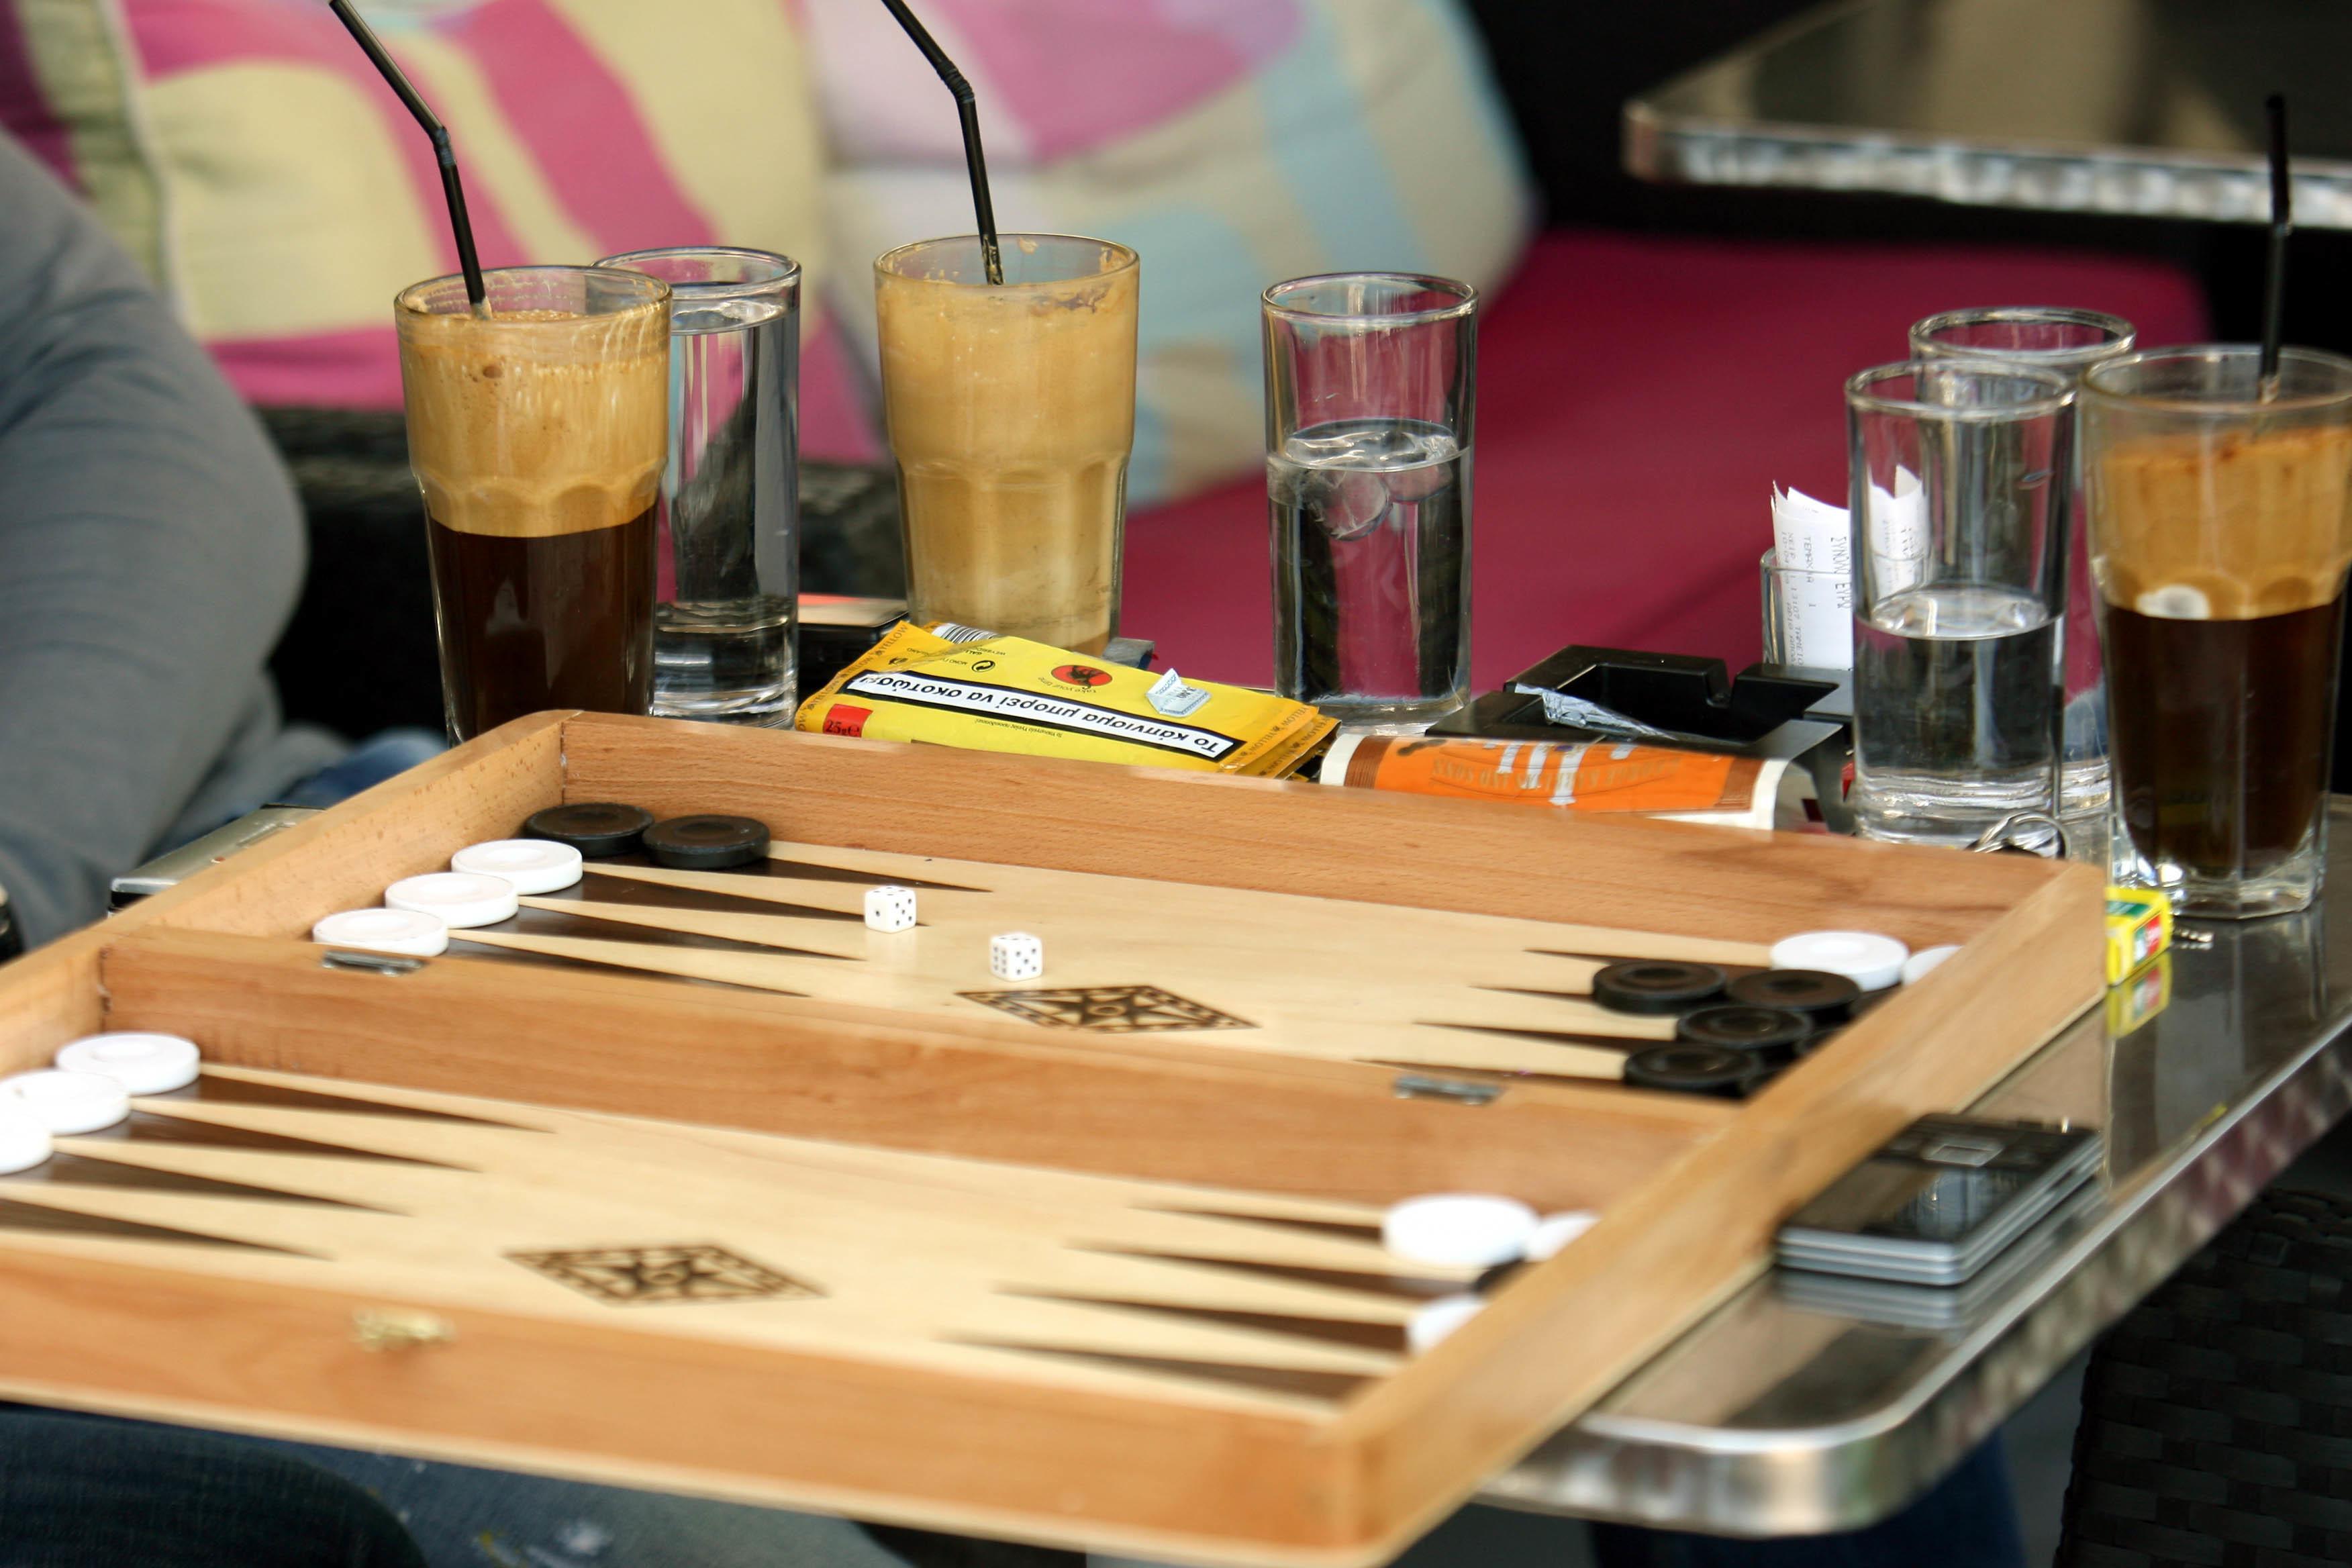 """Καλαμάτα: """"Ο αντικαπνιστικός νόμος άδειασε τα καταστήματα""""! Σε απελπισία ιδιοκτήτες εστιατορίων και καφέ"""